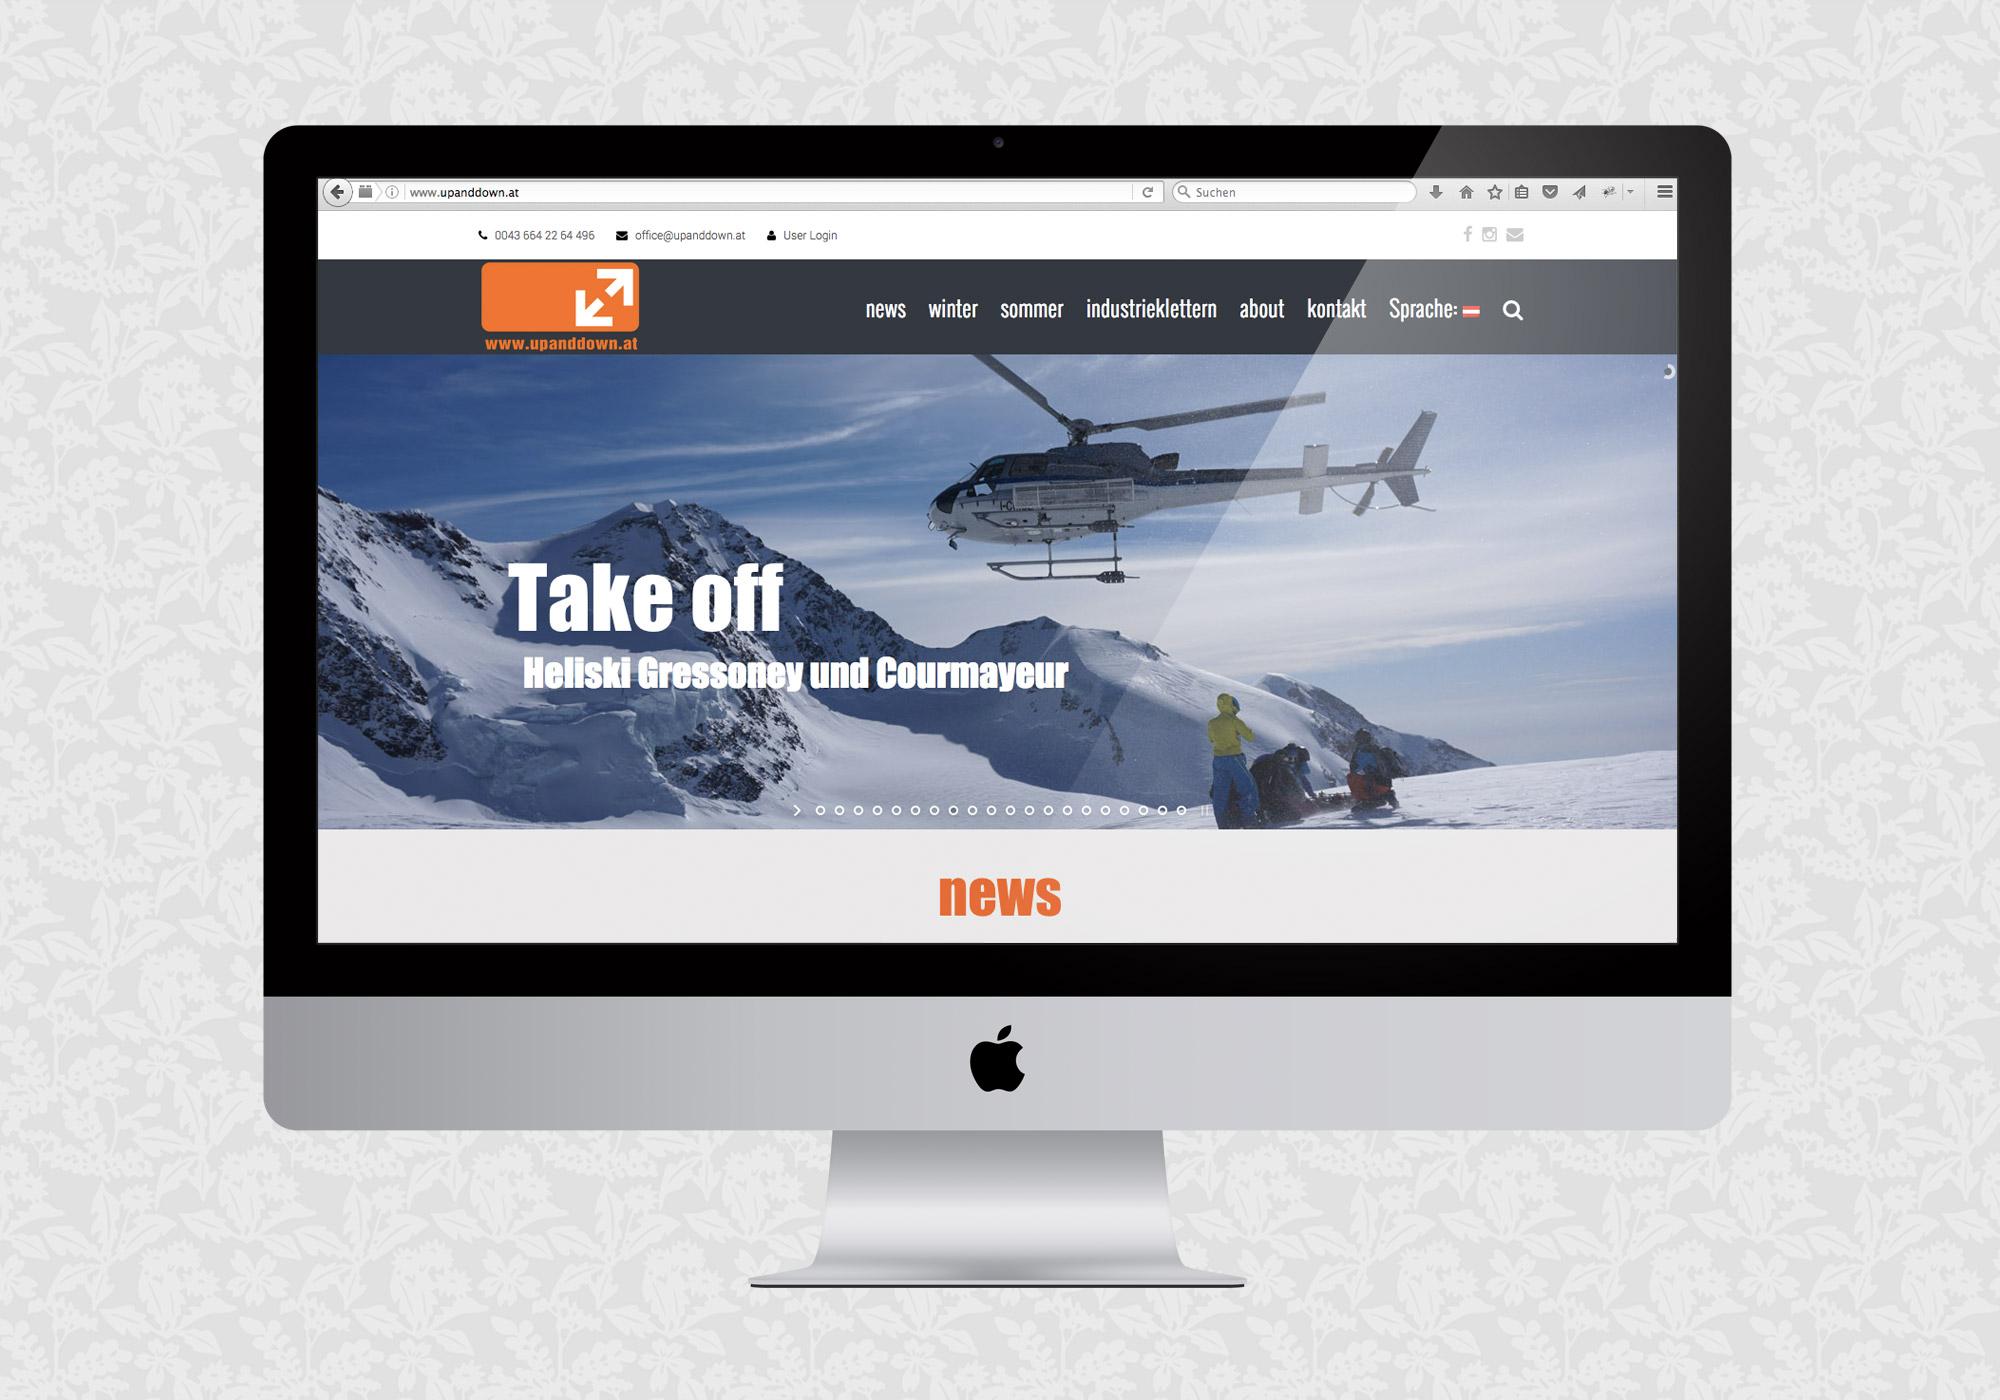 Redesign der Website für upanddown